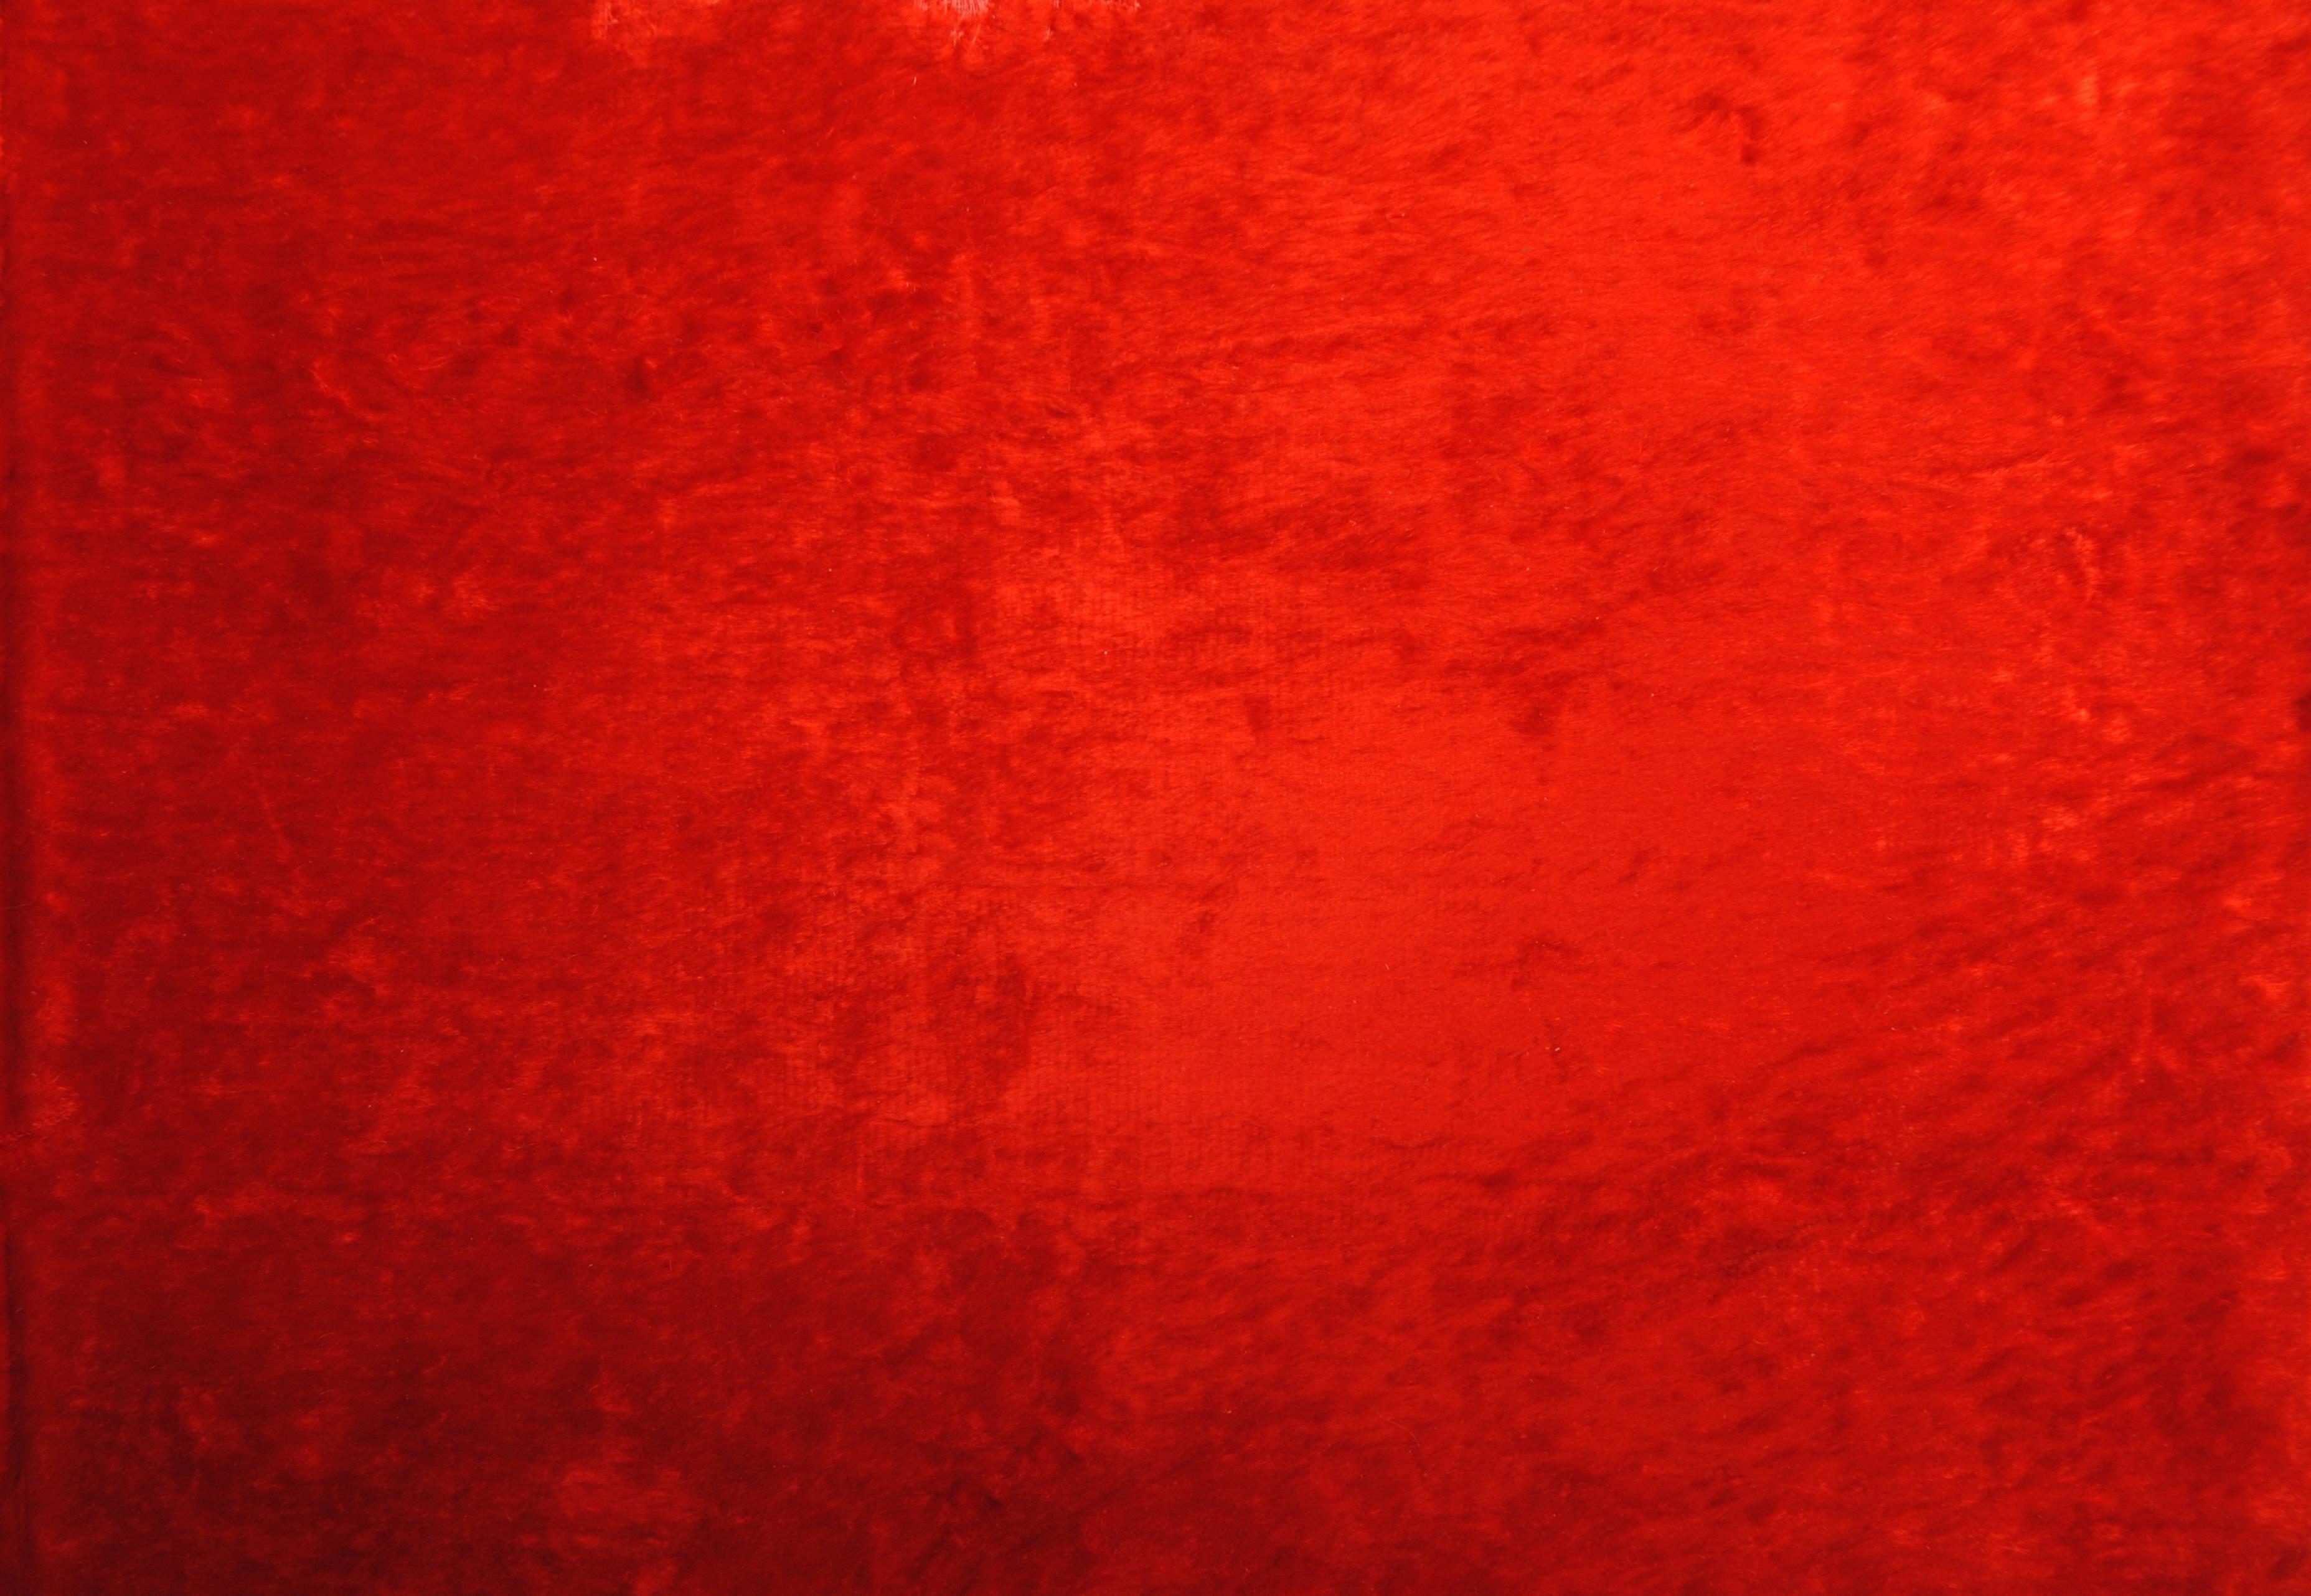 red velvet wallpaper wallpapersafari